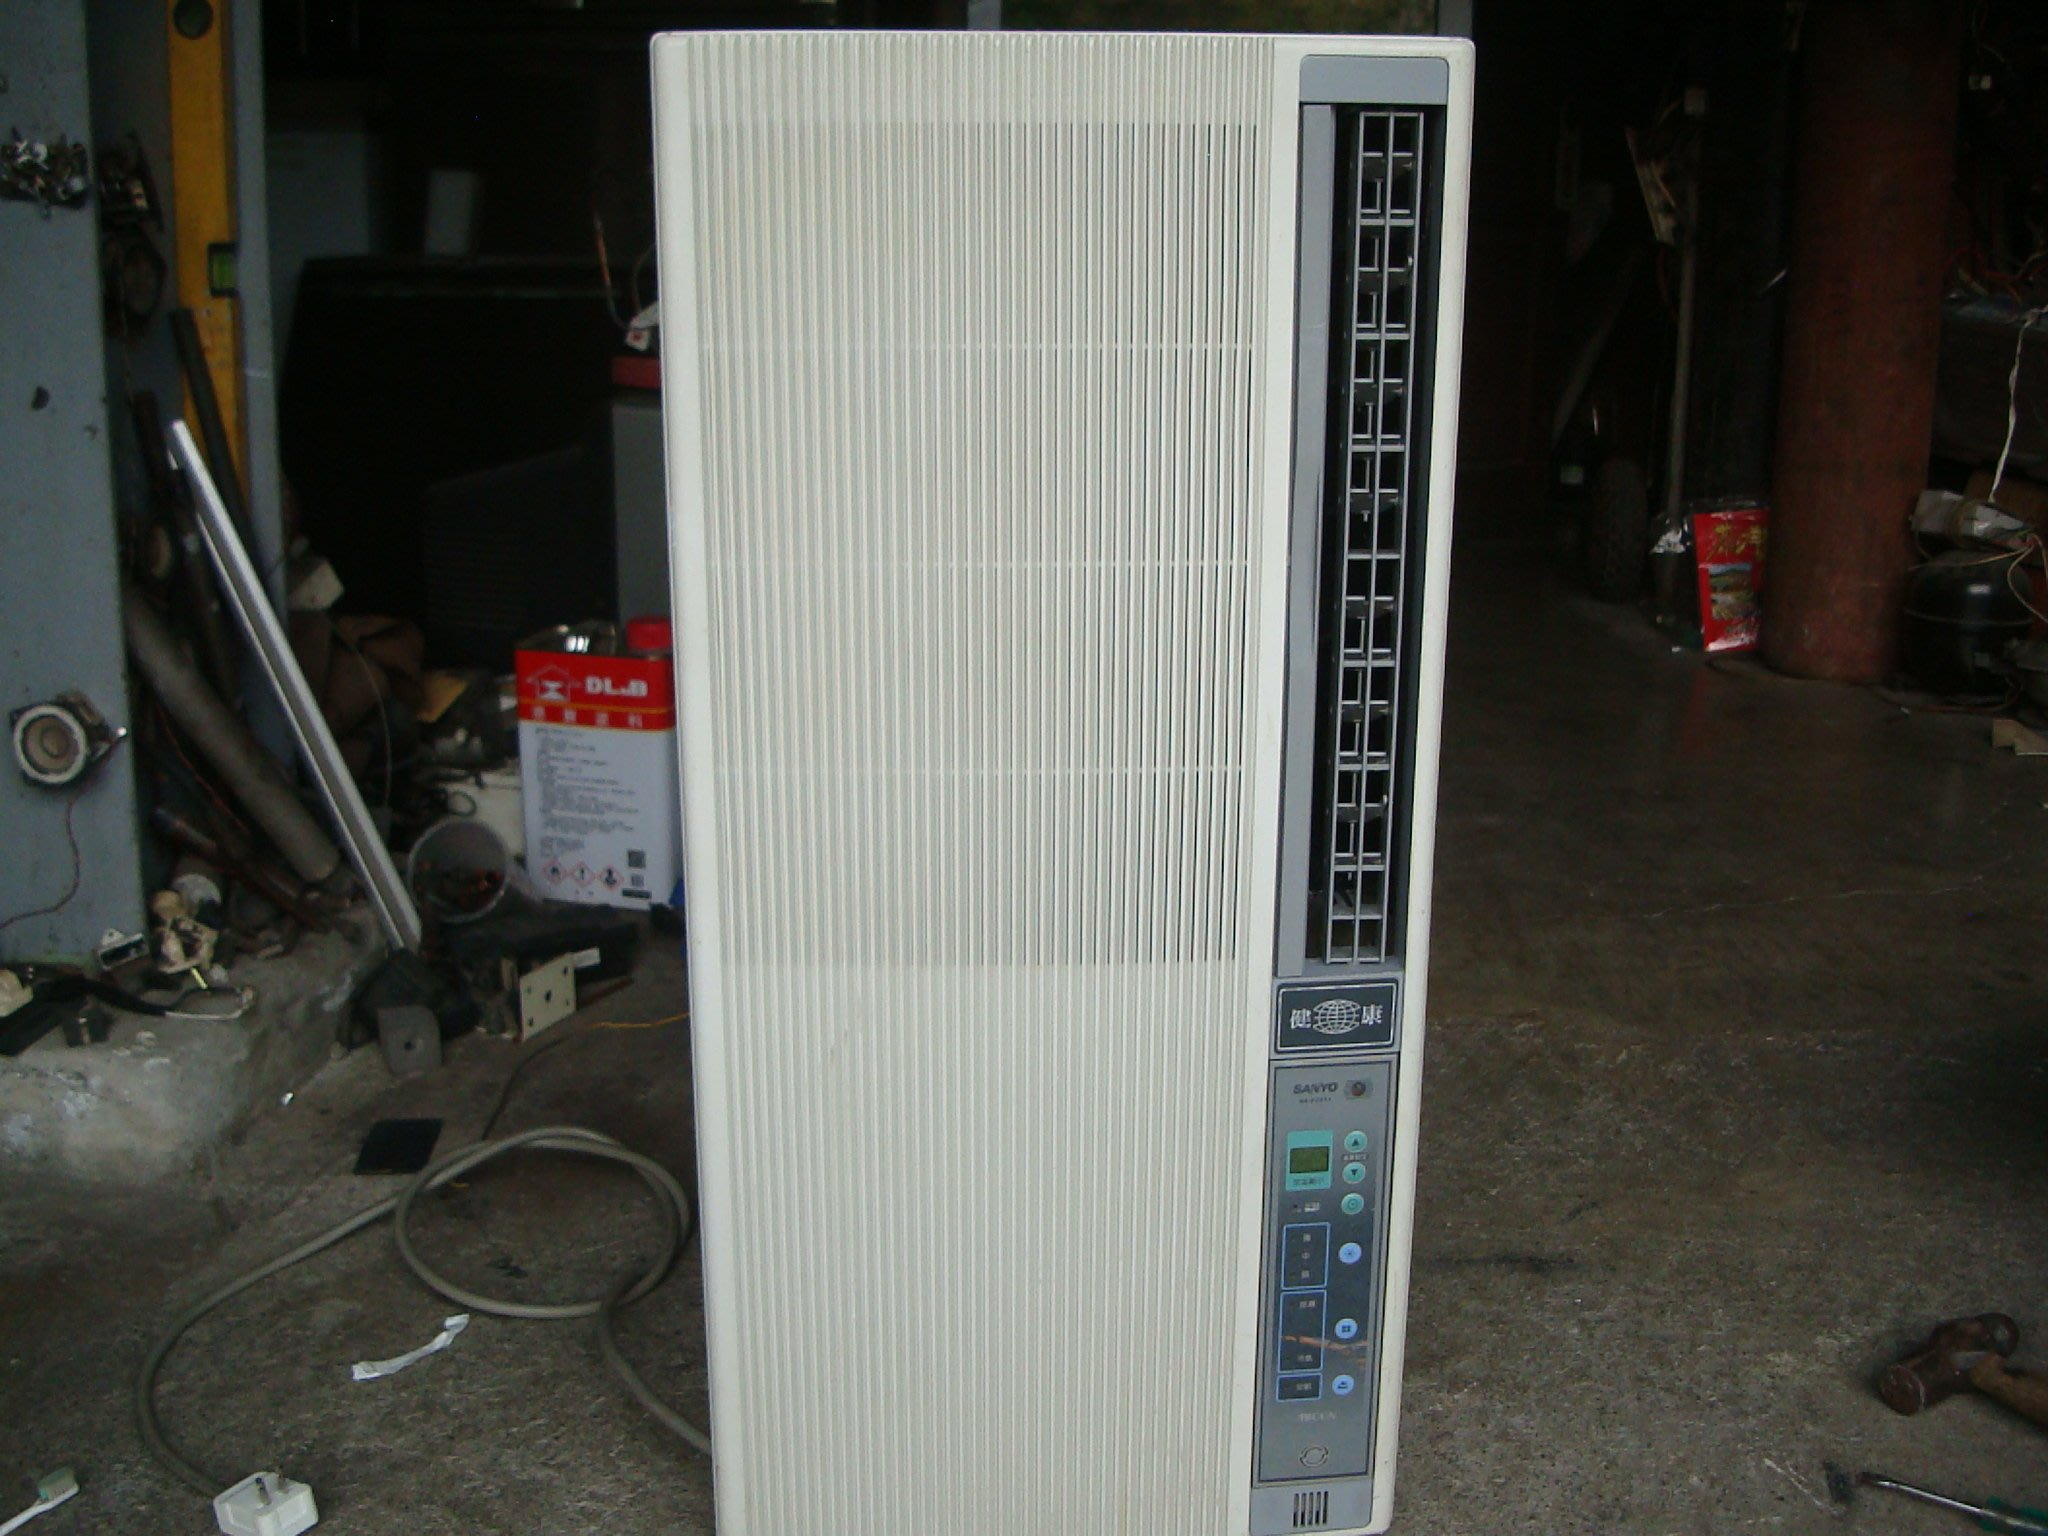 高雄屏東萬丹電器醫生 中古二手  三洋直立式冷氣 自取價7300